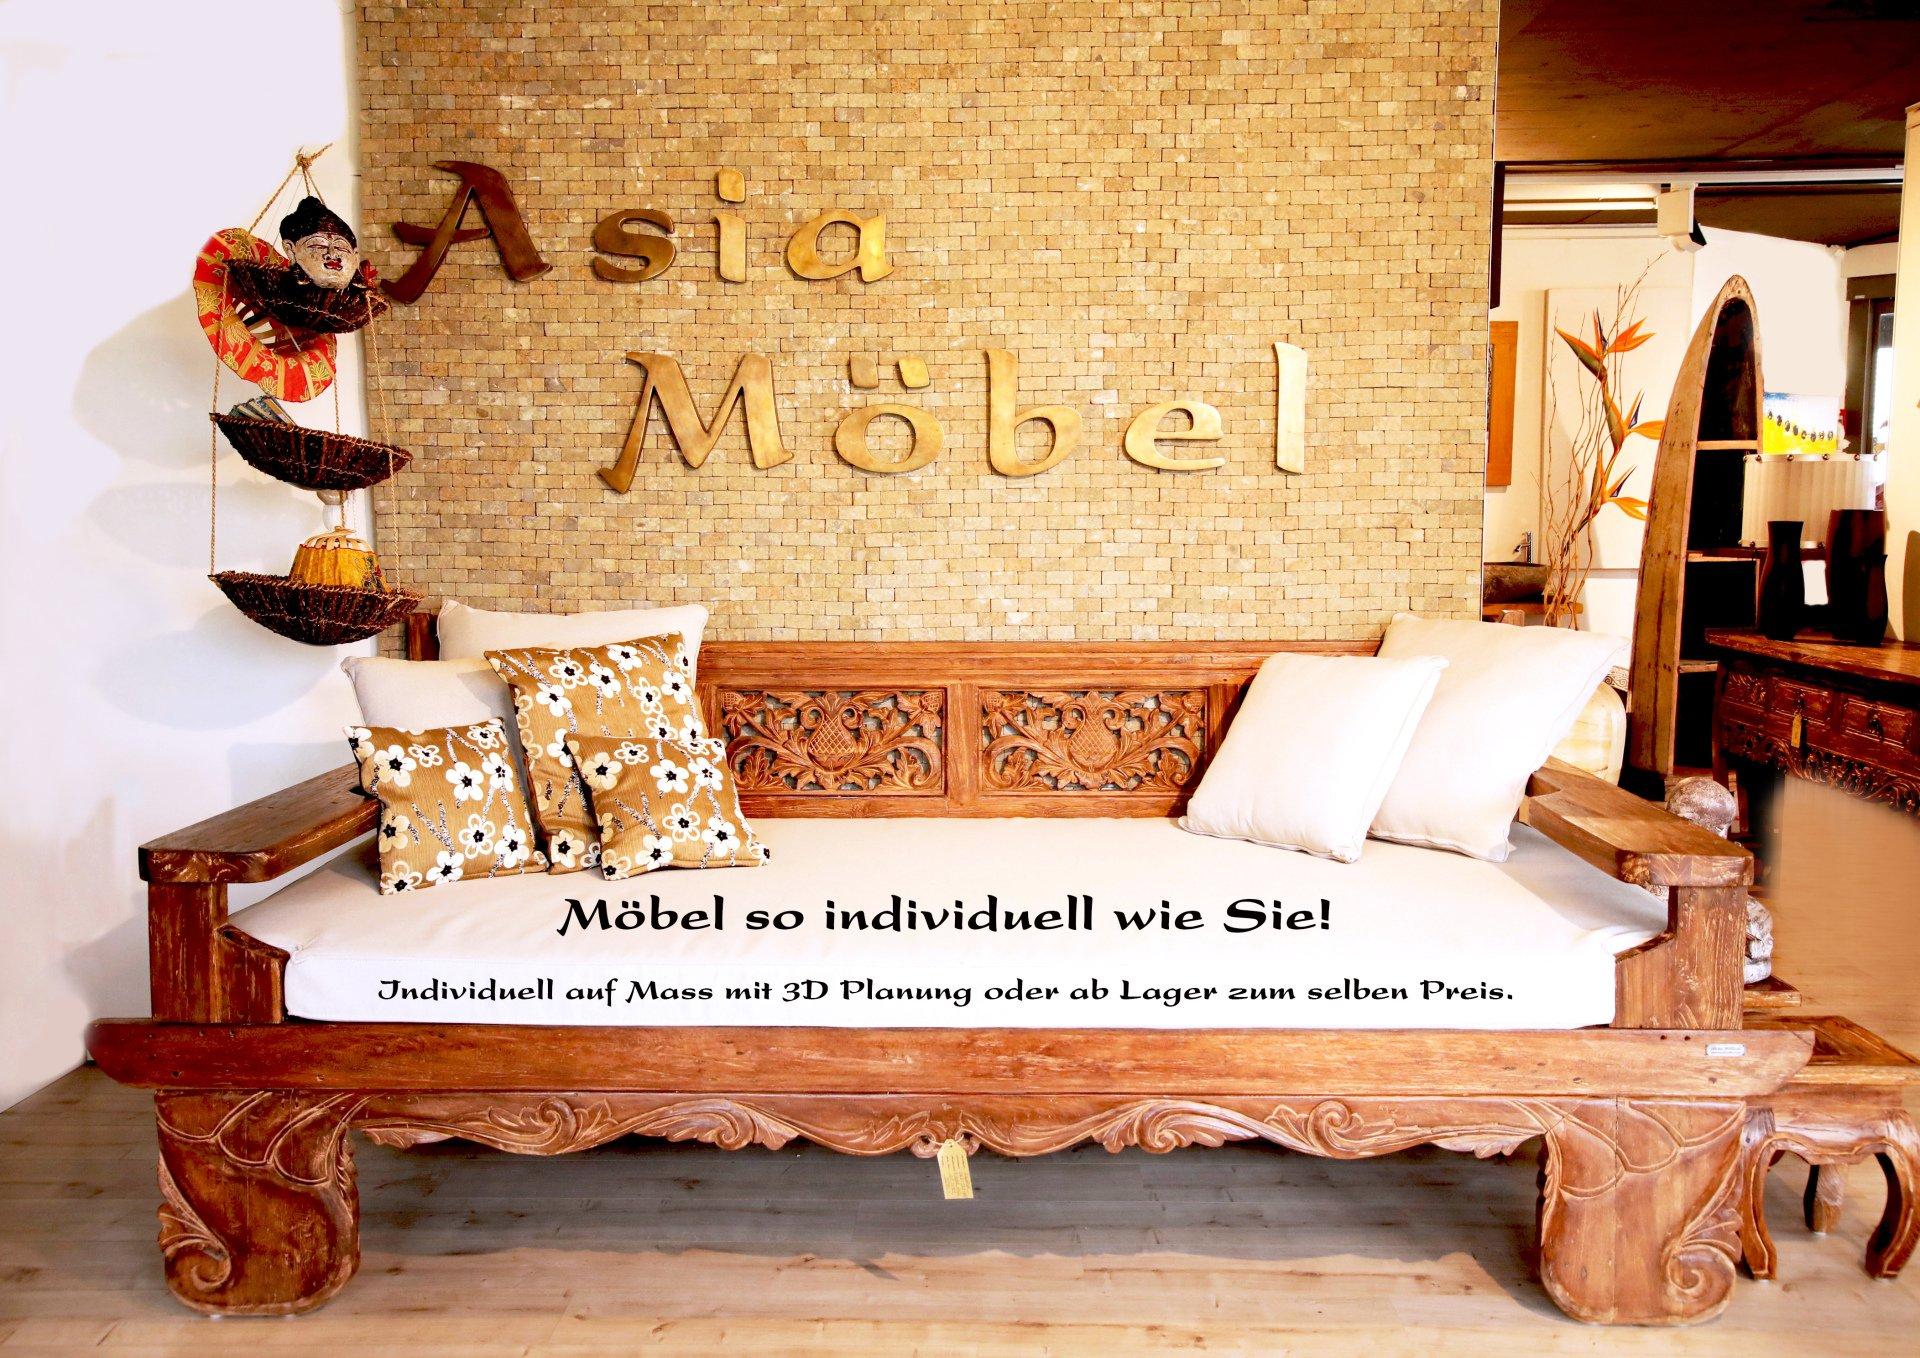 37cdfe08b76edb Asia Möbel - Bali Möbel   Möbel so individuell wie Sie!